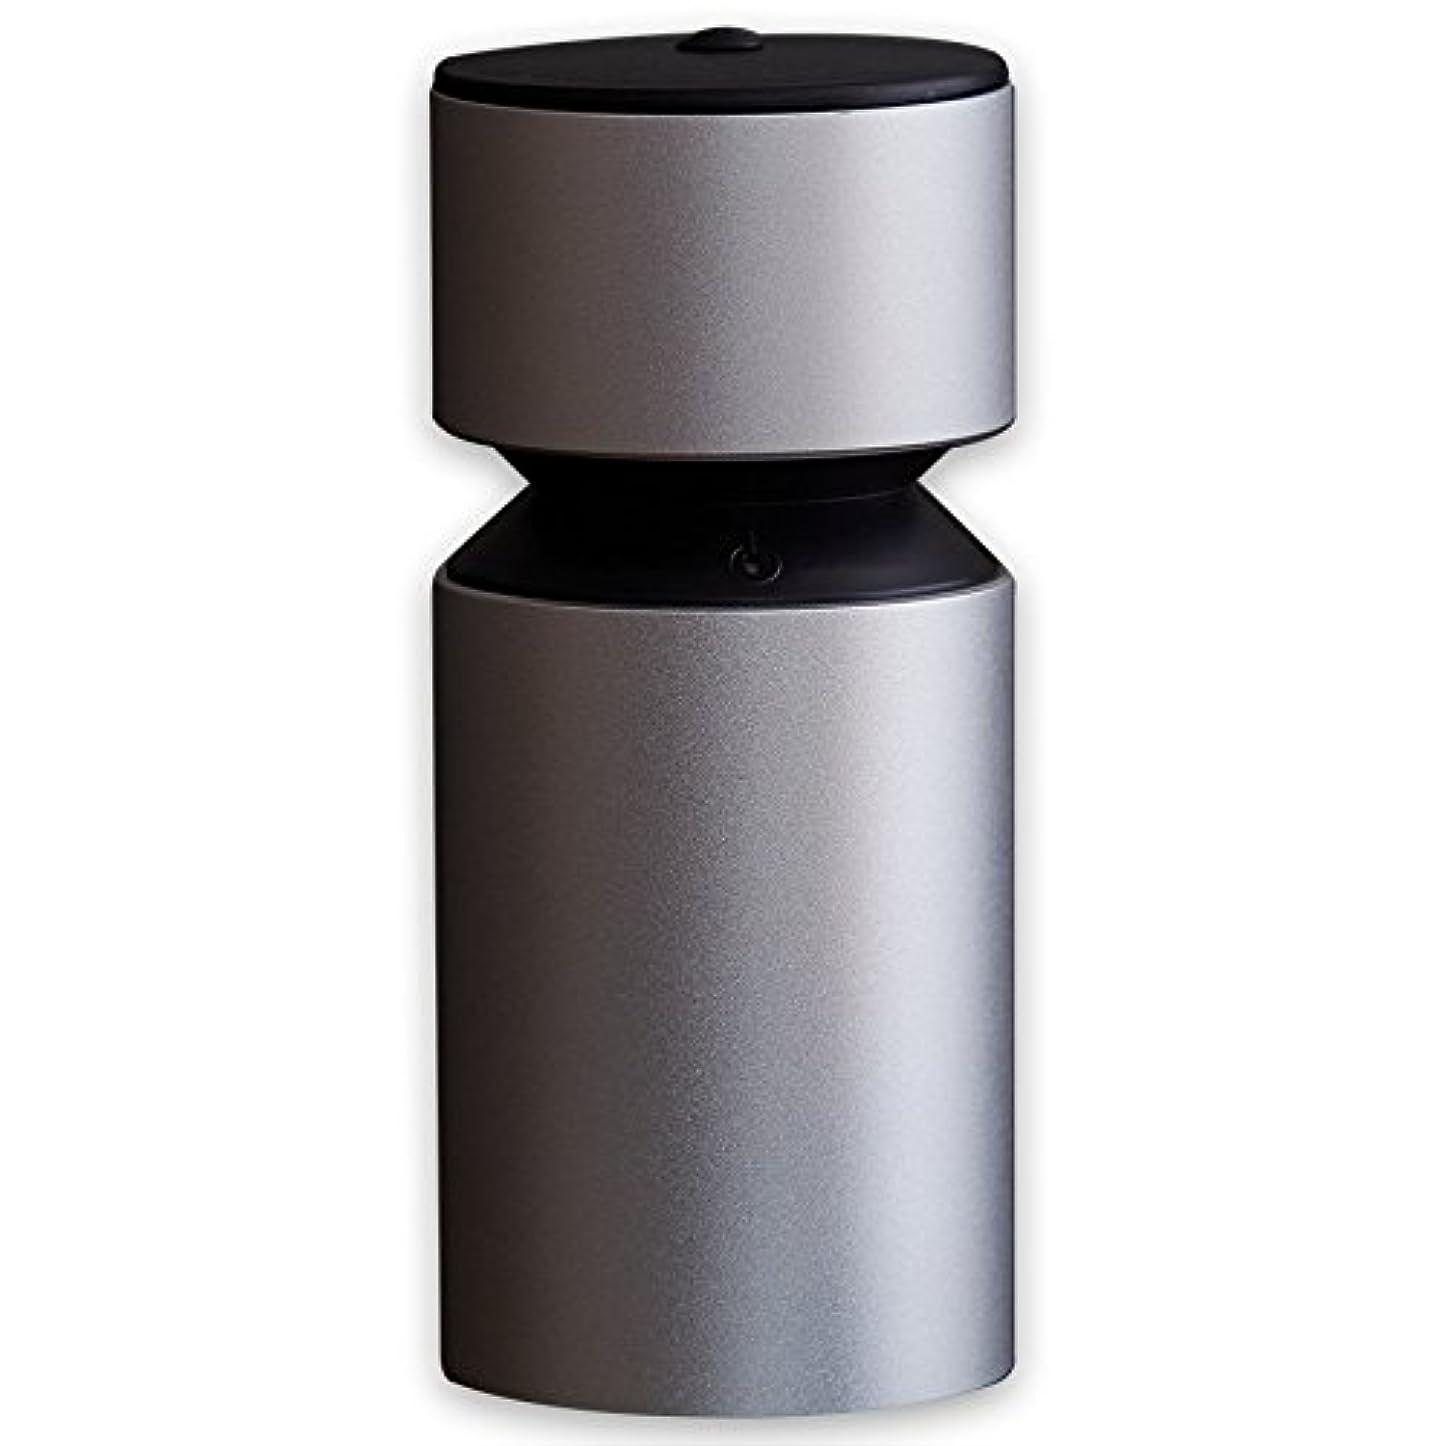 事硬化する期待するアロマディフューザー UR-AROMA03 卓上 小型 加湿器 Uruon(ウルオン) オーガニックアロマオイル対応 天然アロマオイル AROMA ポータブル usb コンパクト 充電式 タンブラー 2way アロマドロップ方式